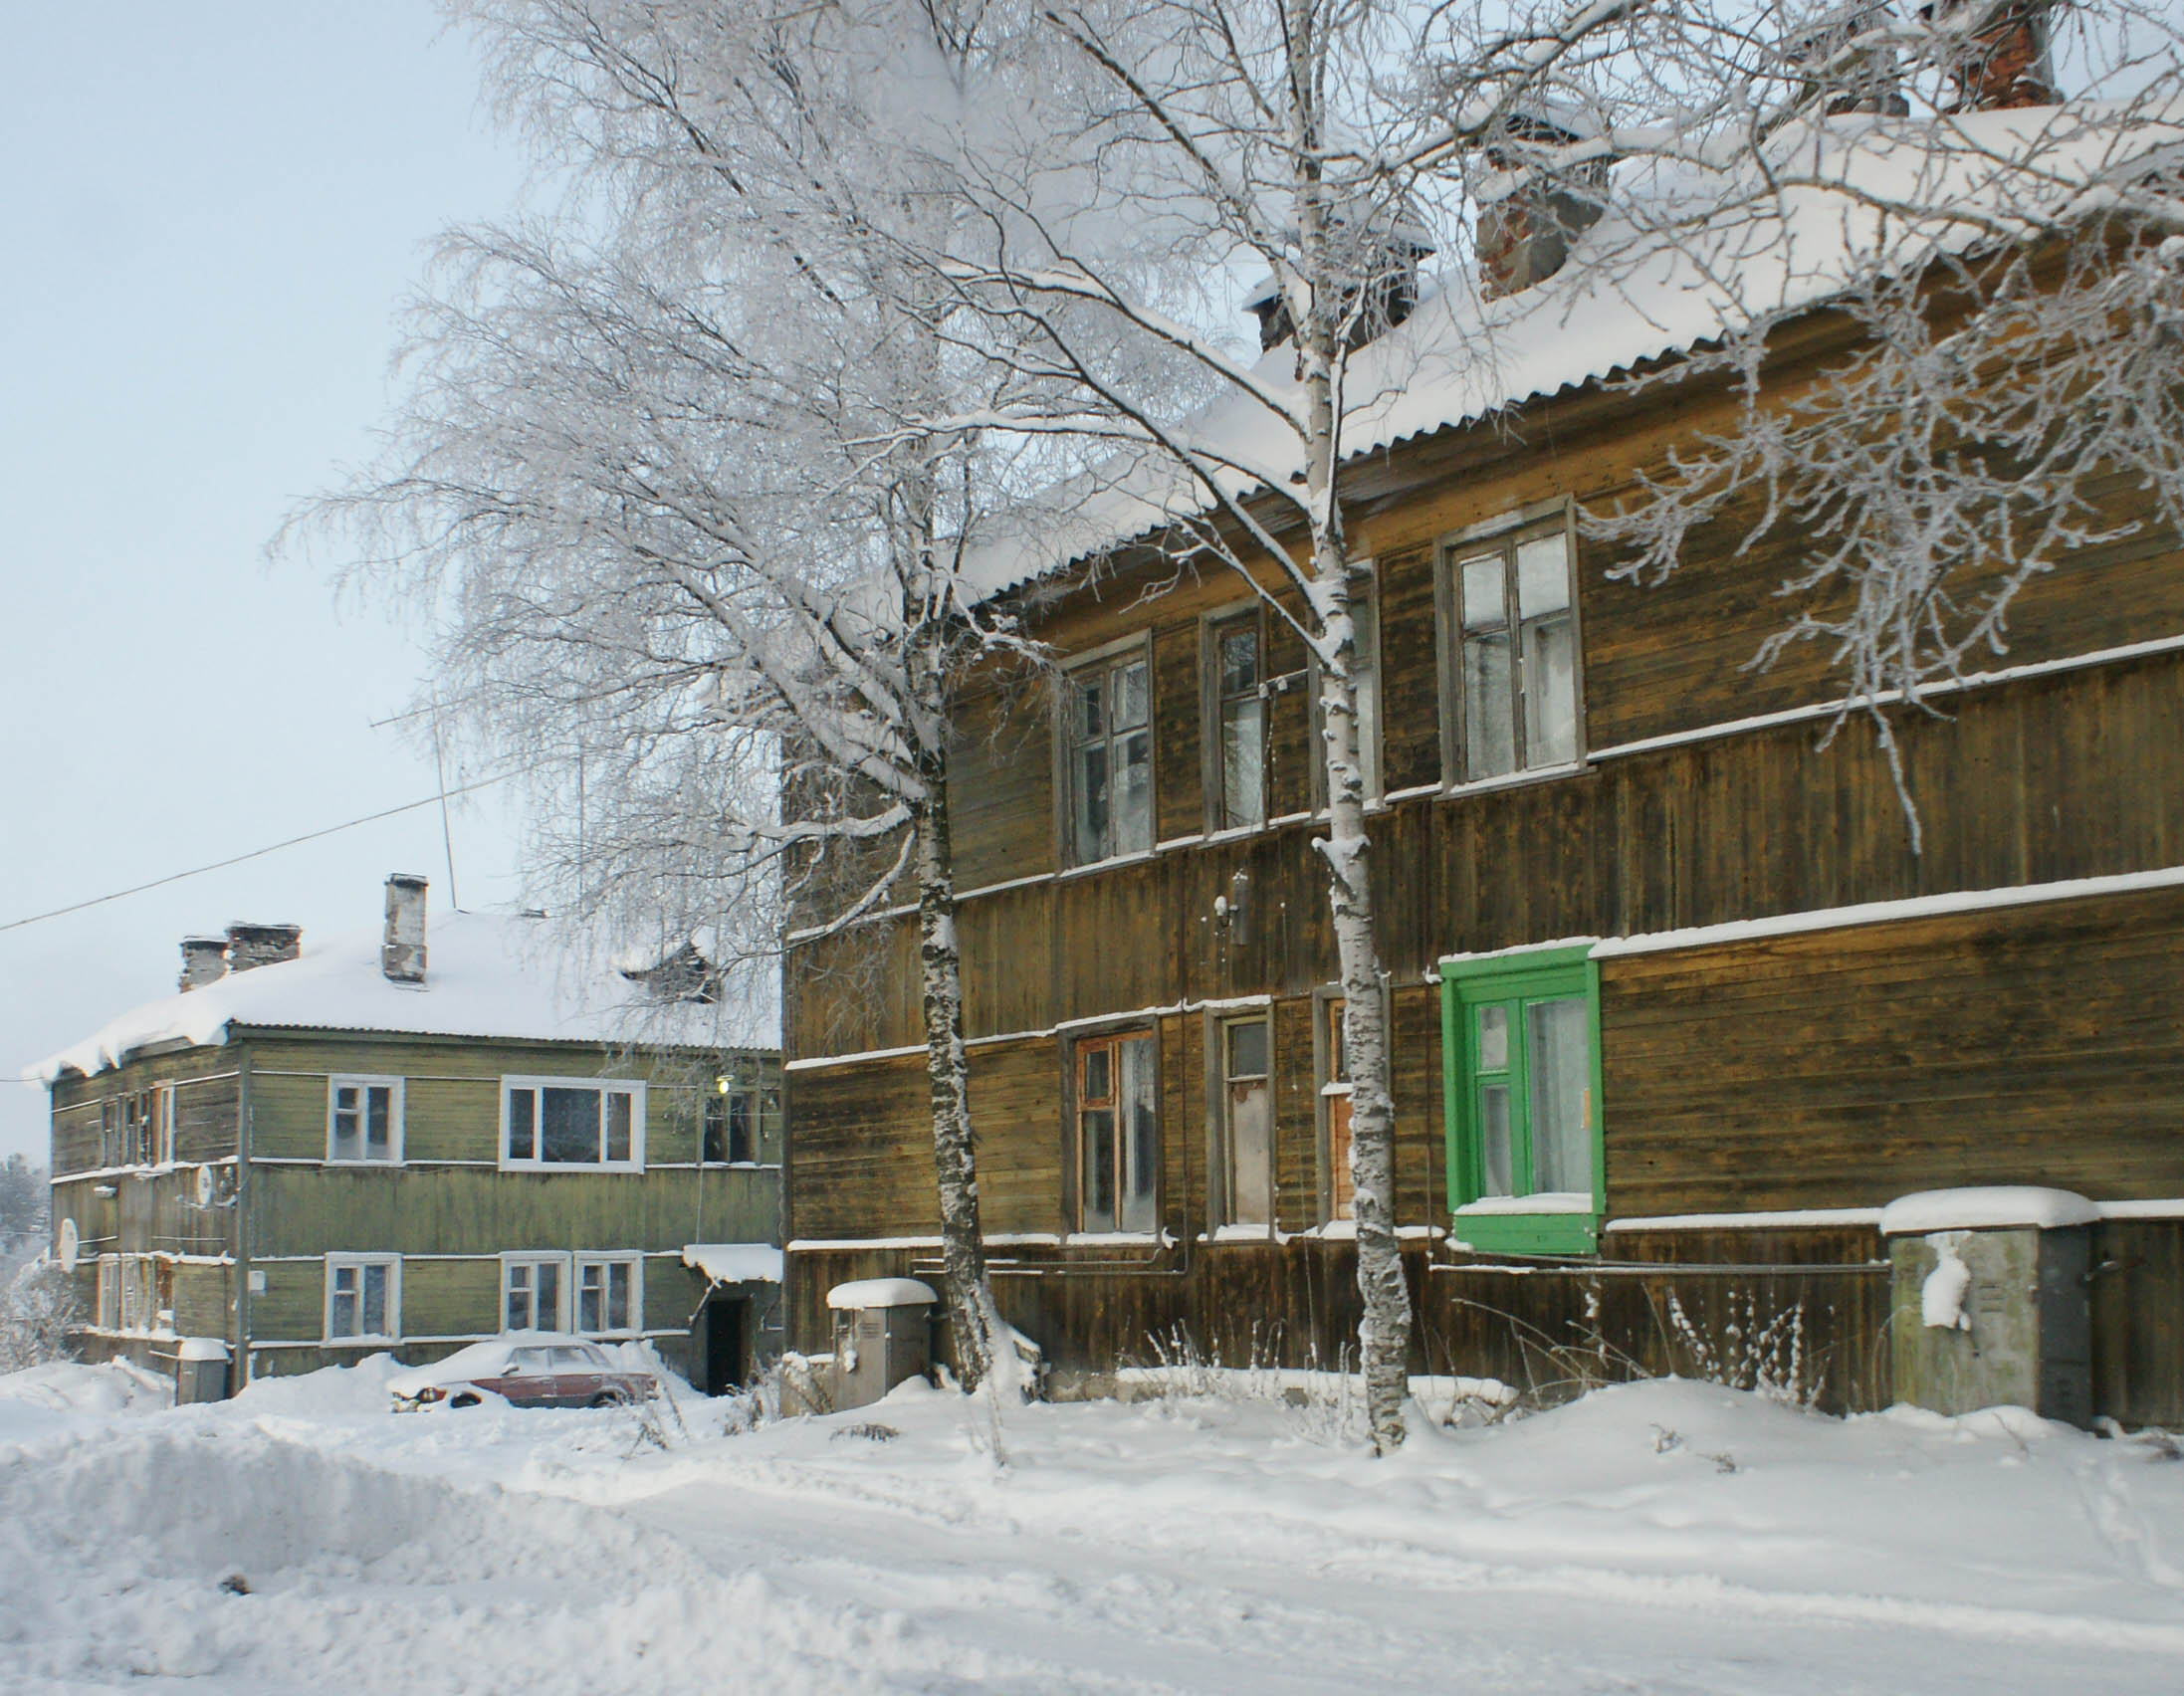 Дойдет ли когда-нибудь природный газ до жителей этих домов? Фото: Губернiя Daily